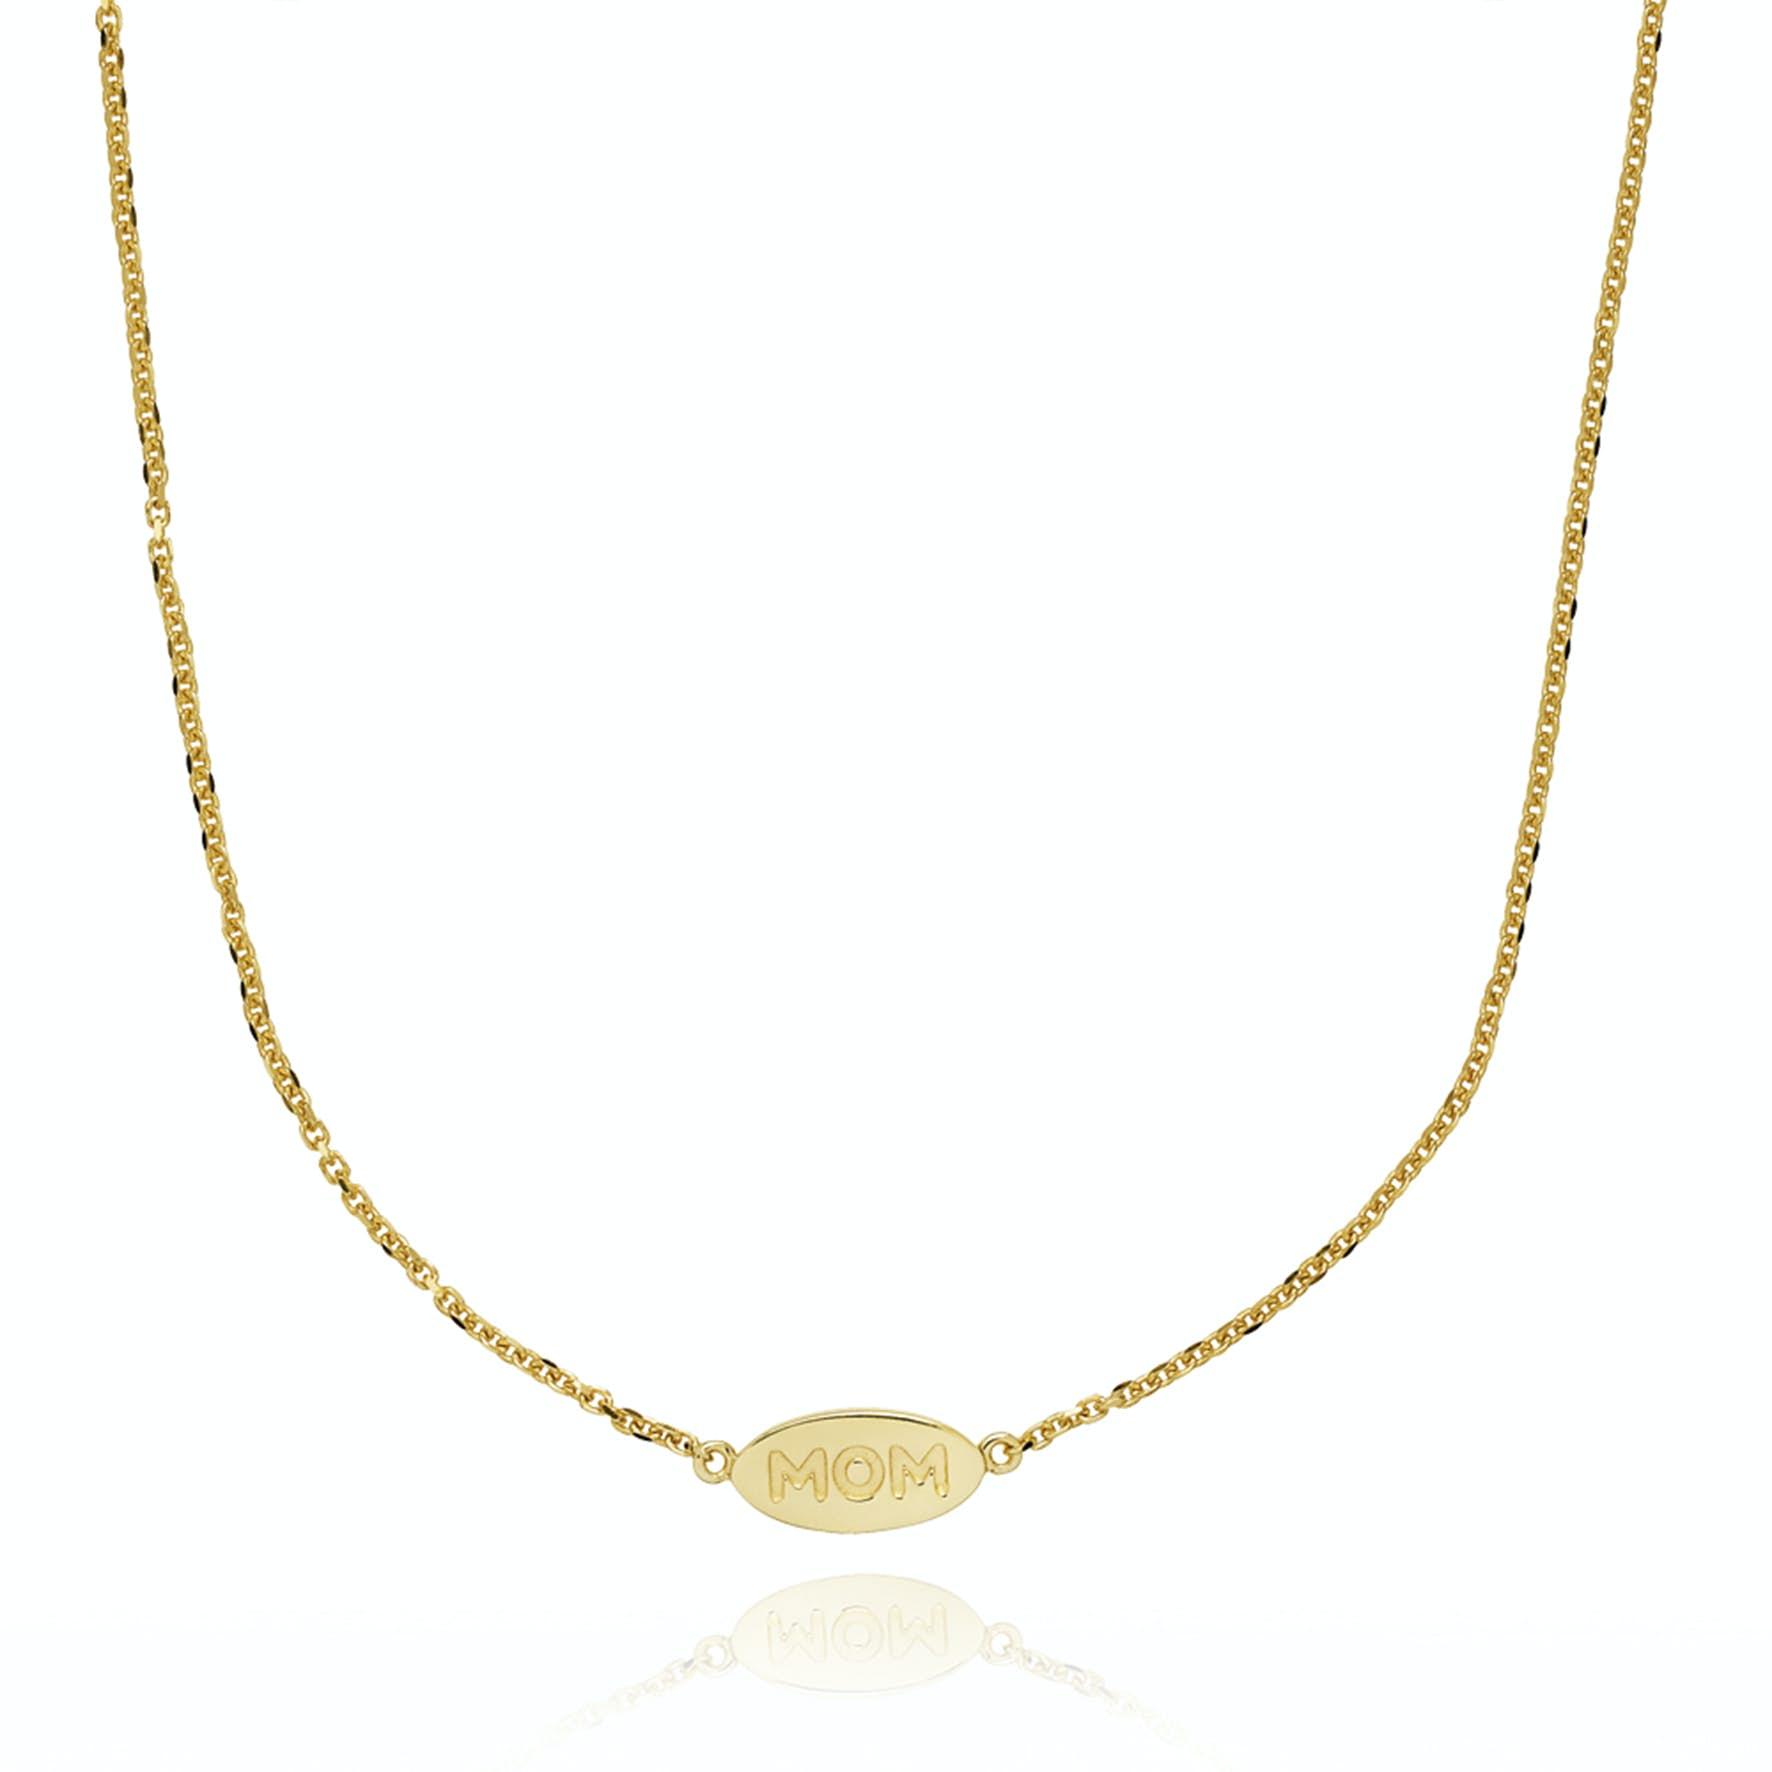 Fam Mom Necklace von Sistie in Vergoldet-Silber Sterling 925